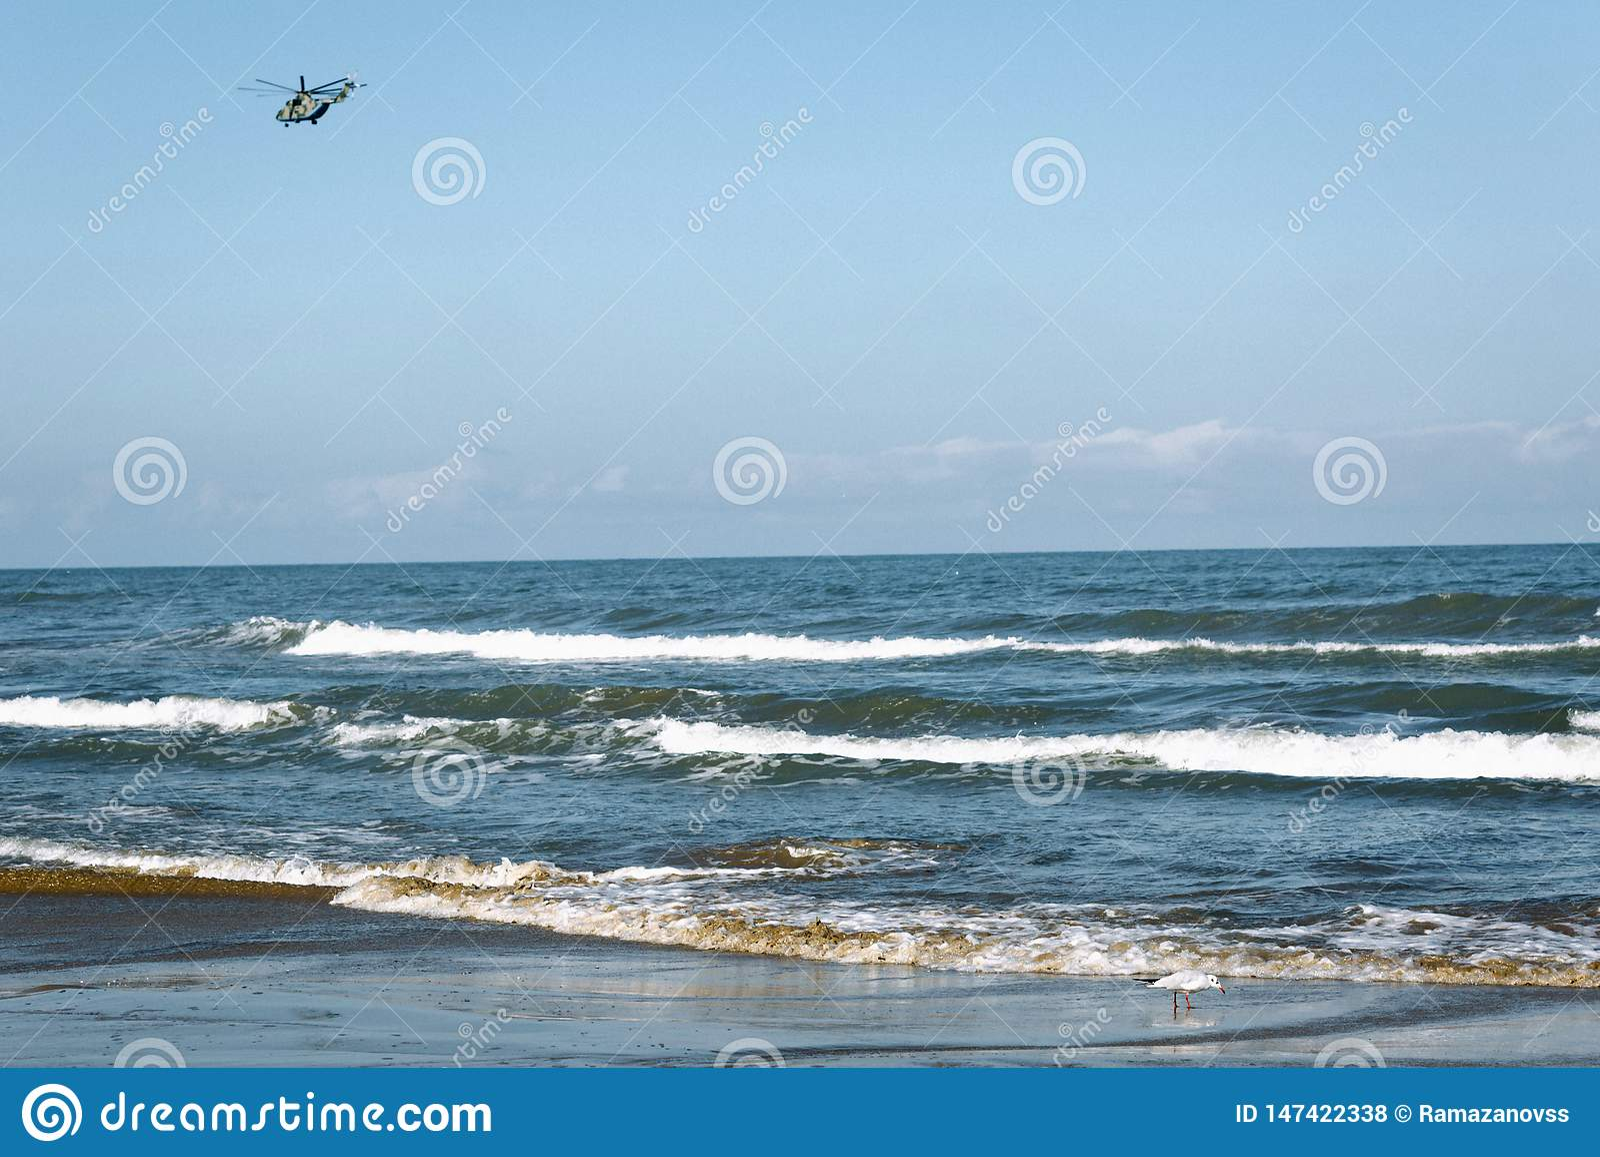 Helikopter nad morzem przeciw bezchmurnemu niebu